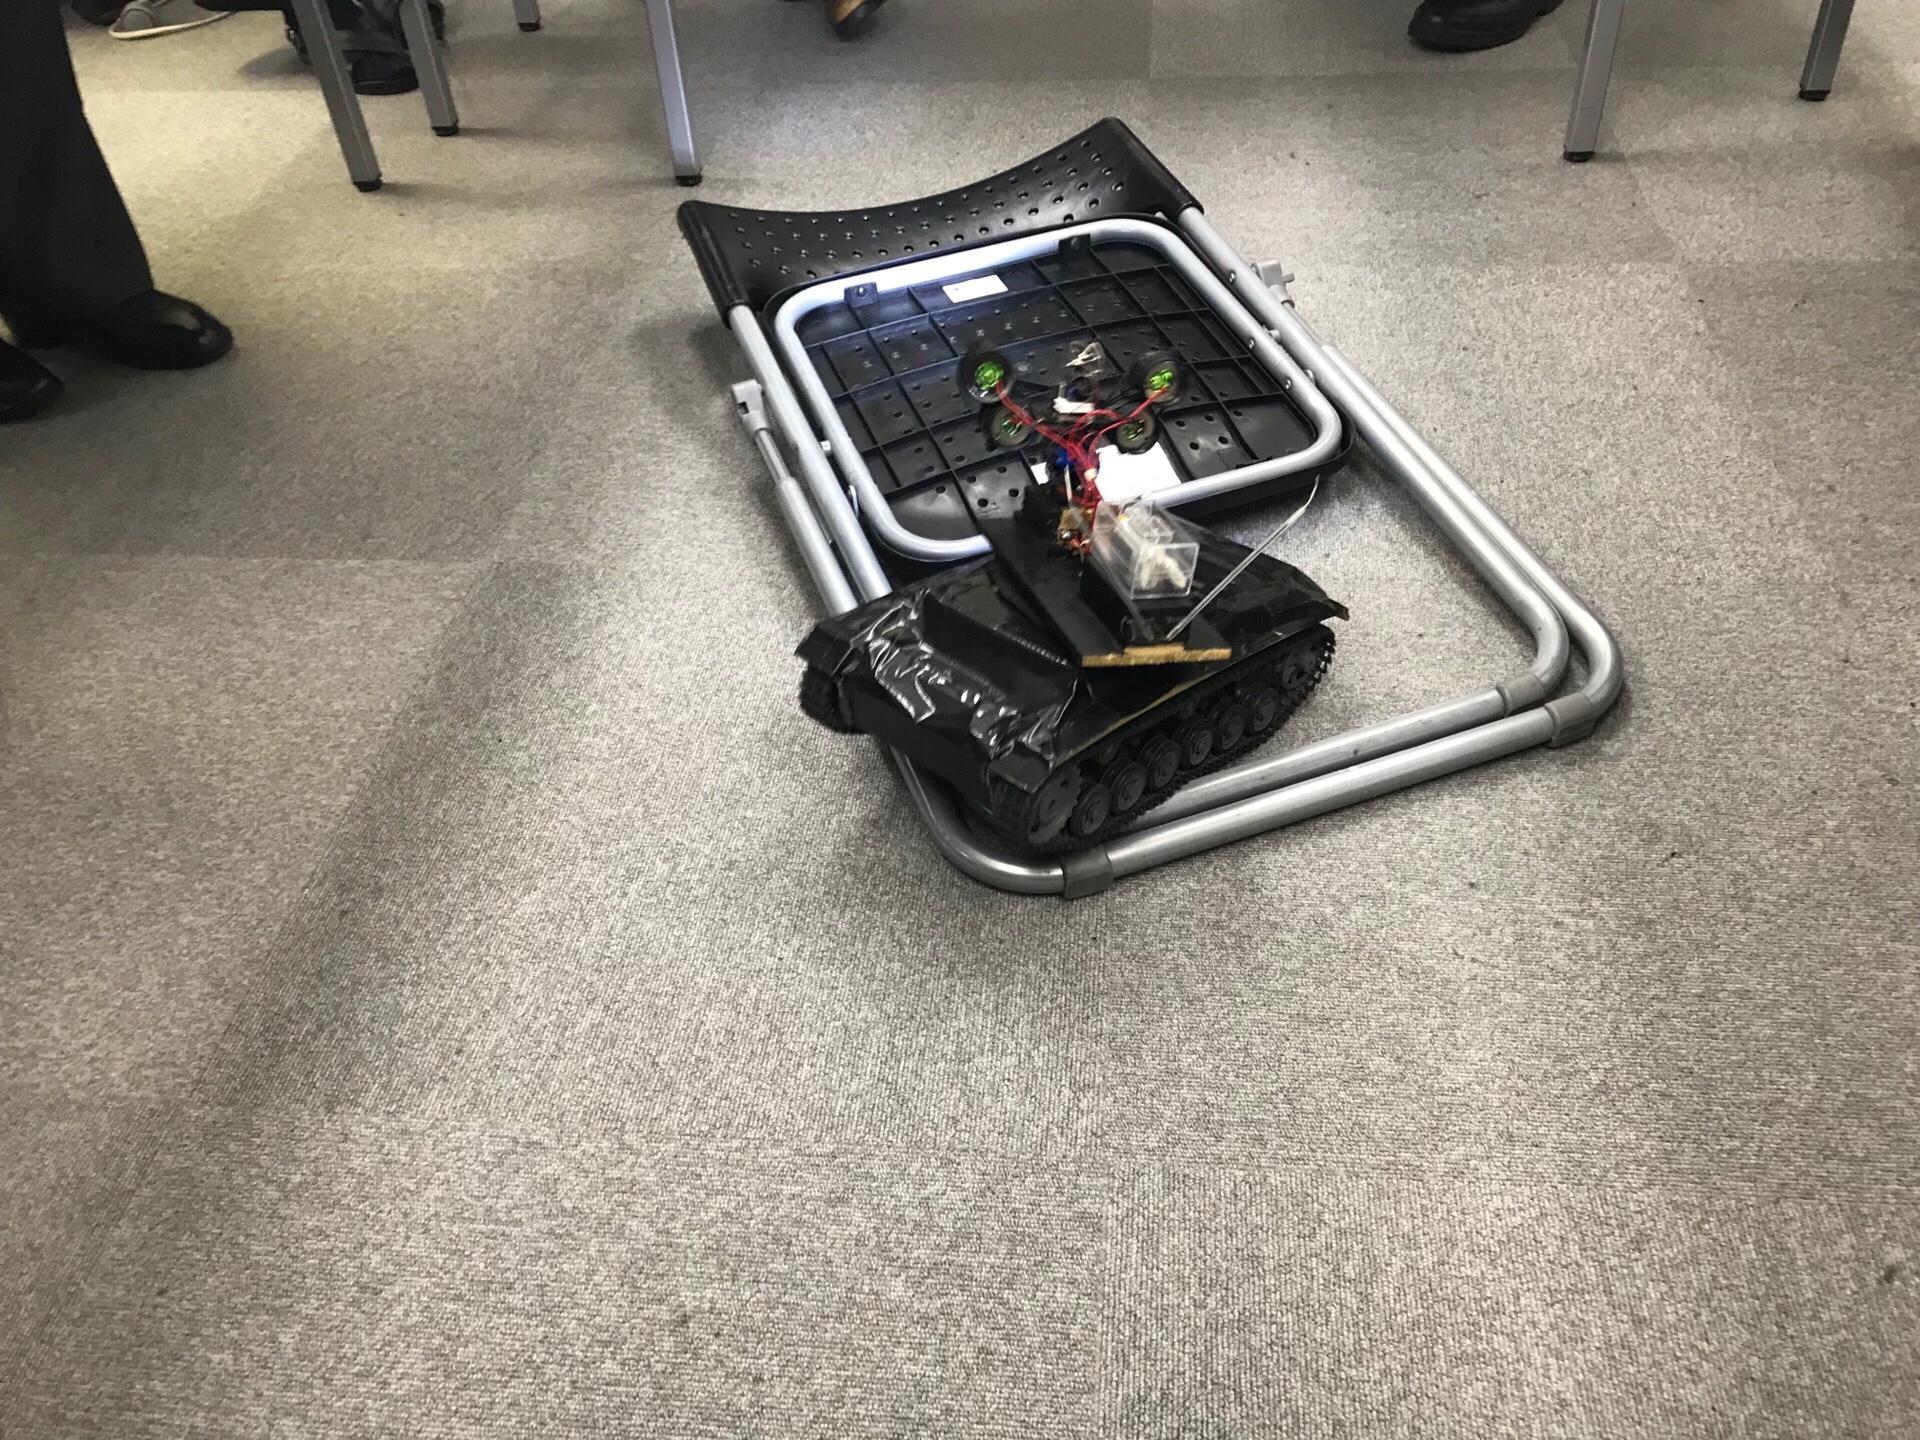 床下ロボット 29171130 3の画像